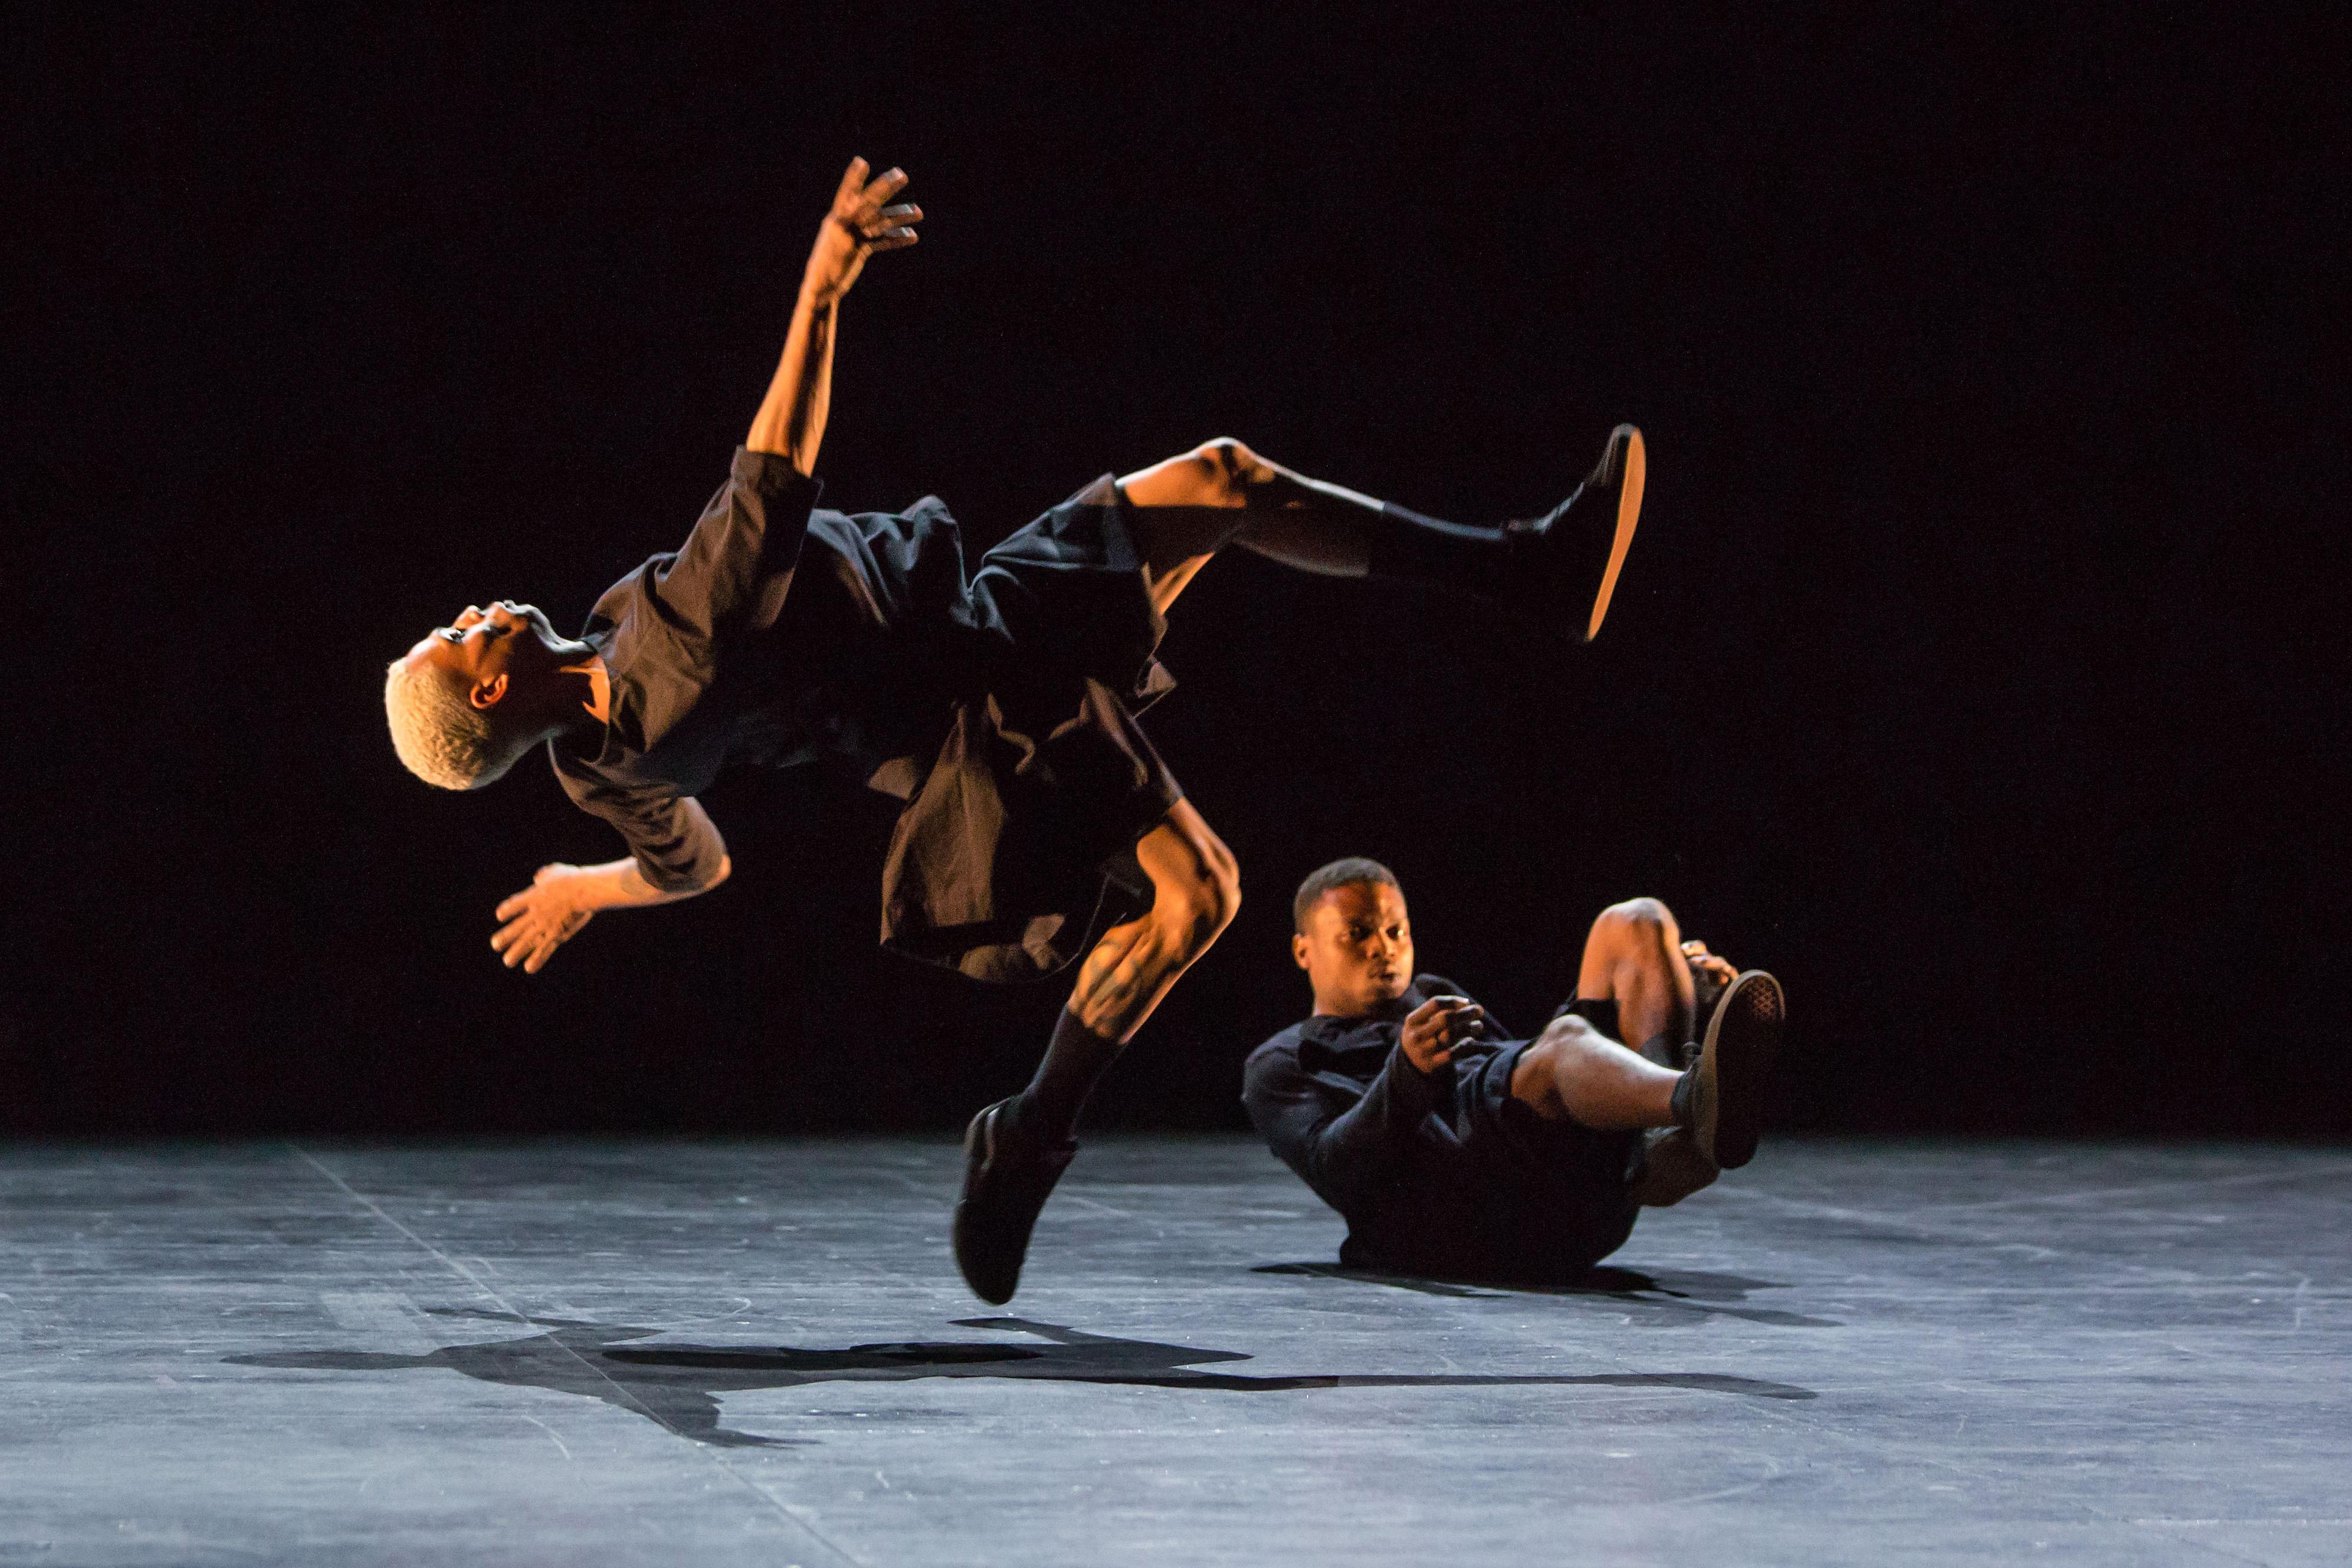 ブラジル発、超絶ストリートダンスの進化系カンパニー グルーポ・ヂ・フーア最新作がアジア初上陸!!